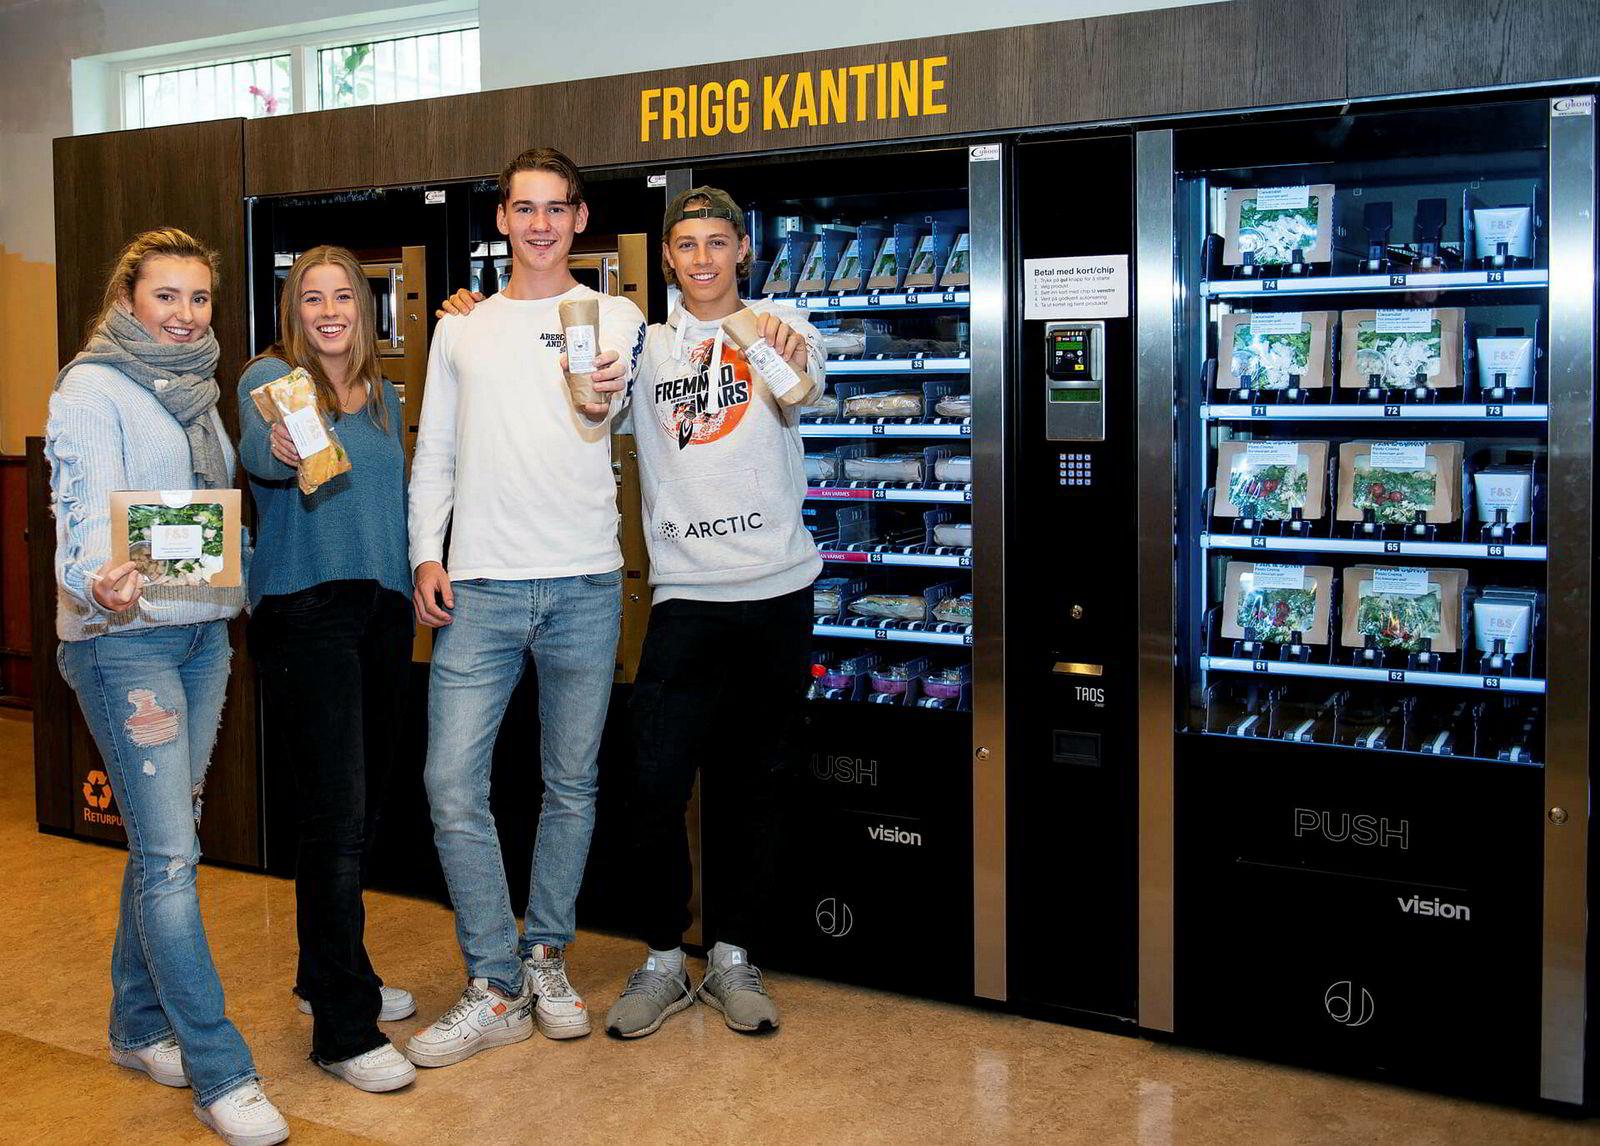 Fornøyd ungdom: Elevene ved Oslo Handelsgymnasium er godt fornøyde med den digitale kantineløsningen.